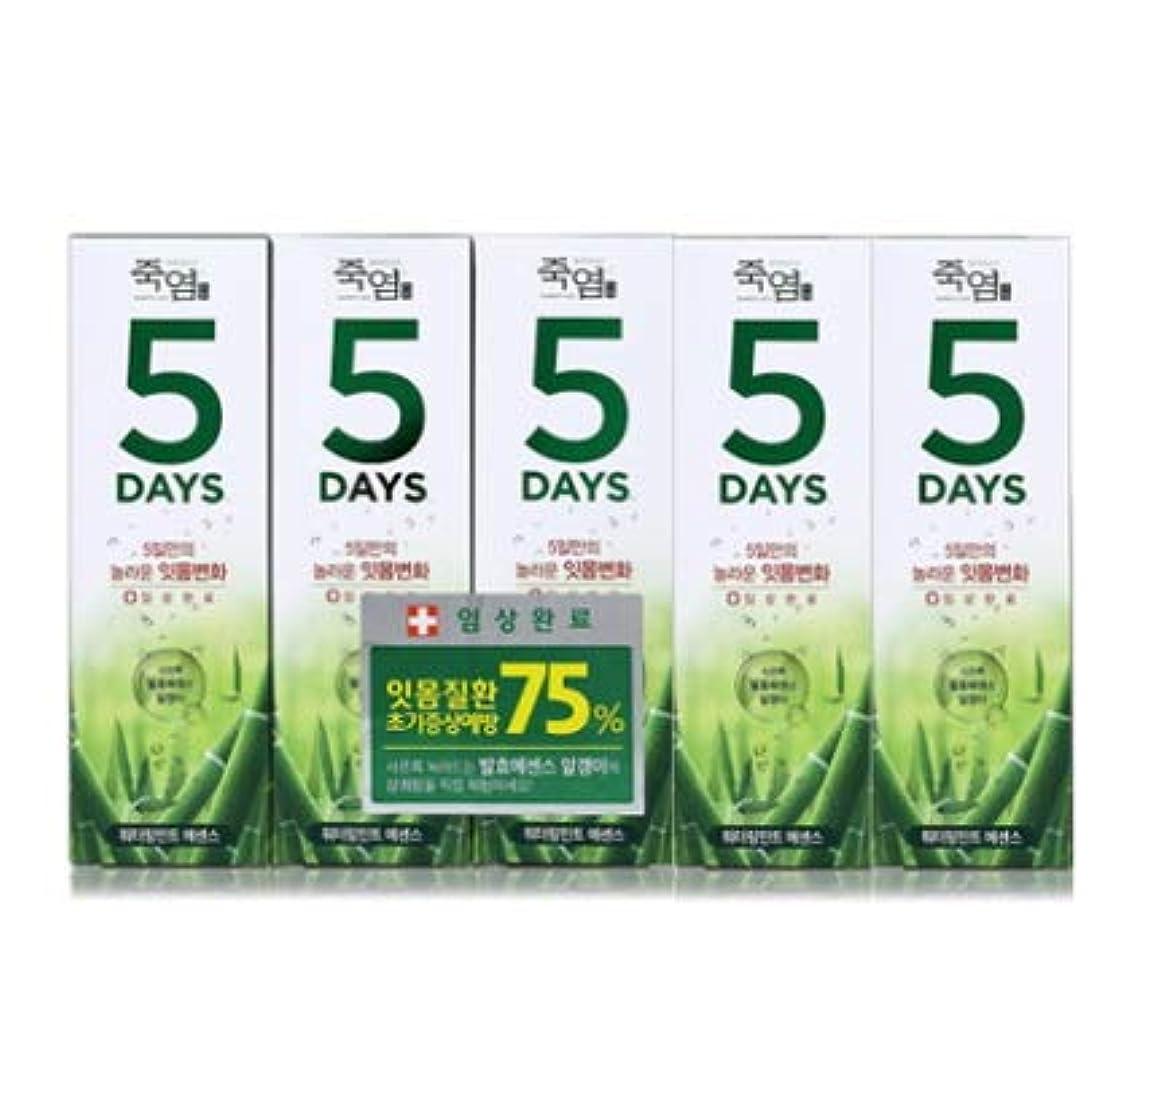 ブランド名アシスタント手入れ[LG Care/LG生活健康]竹塩歯磨き粉5daysウォーターリングミント100g x5ea/歯磨きセットスペシャル?リミテッドToothpaste Set Special Limited Korea(海外直送品)